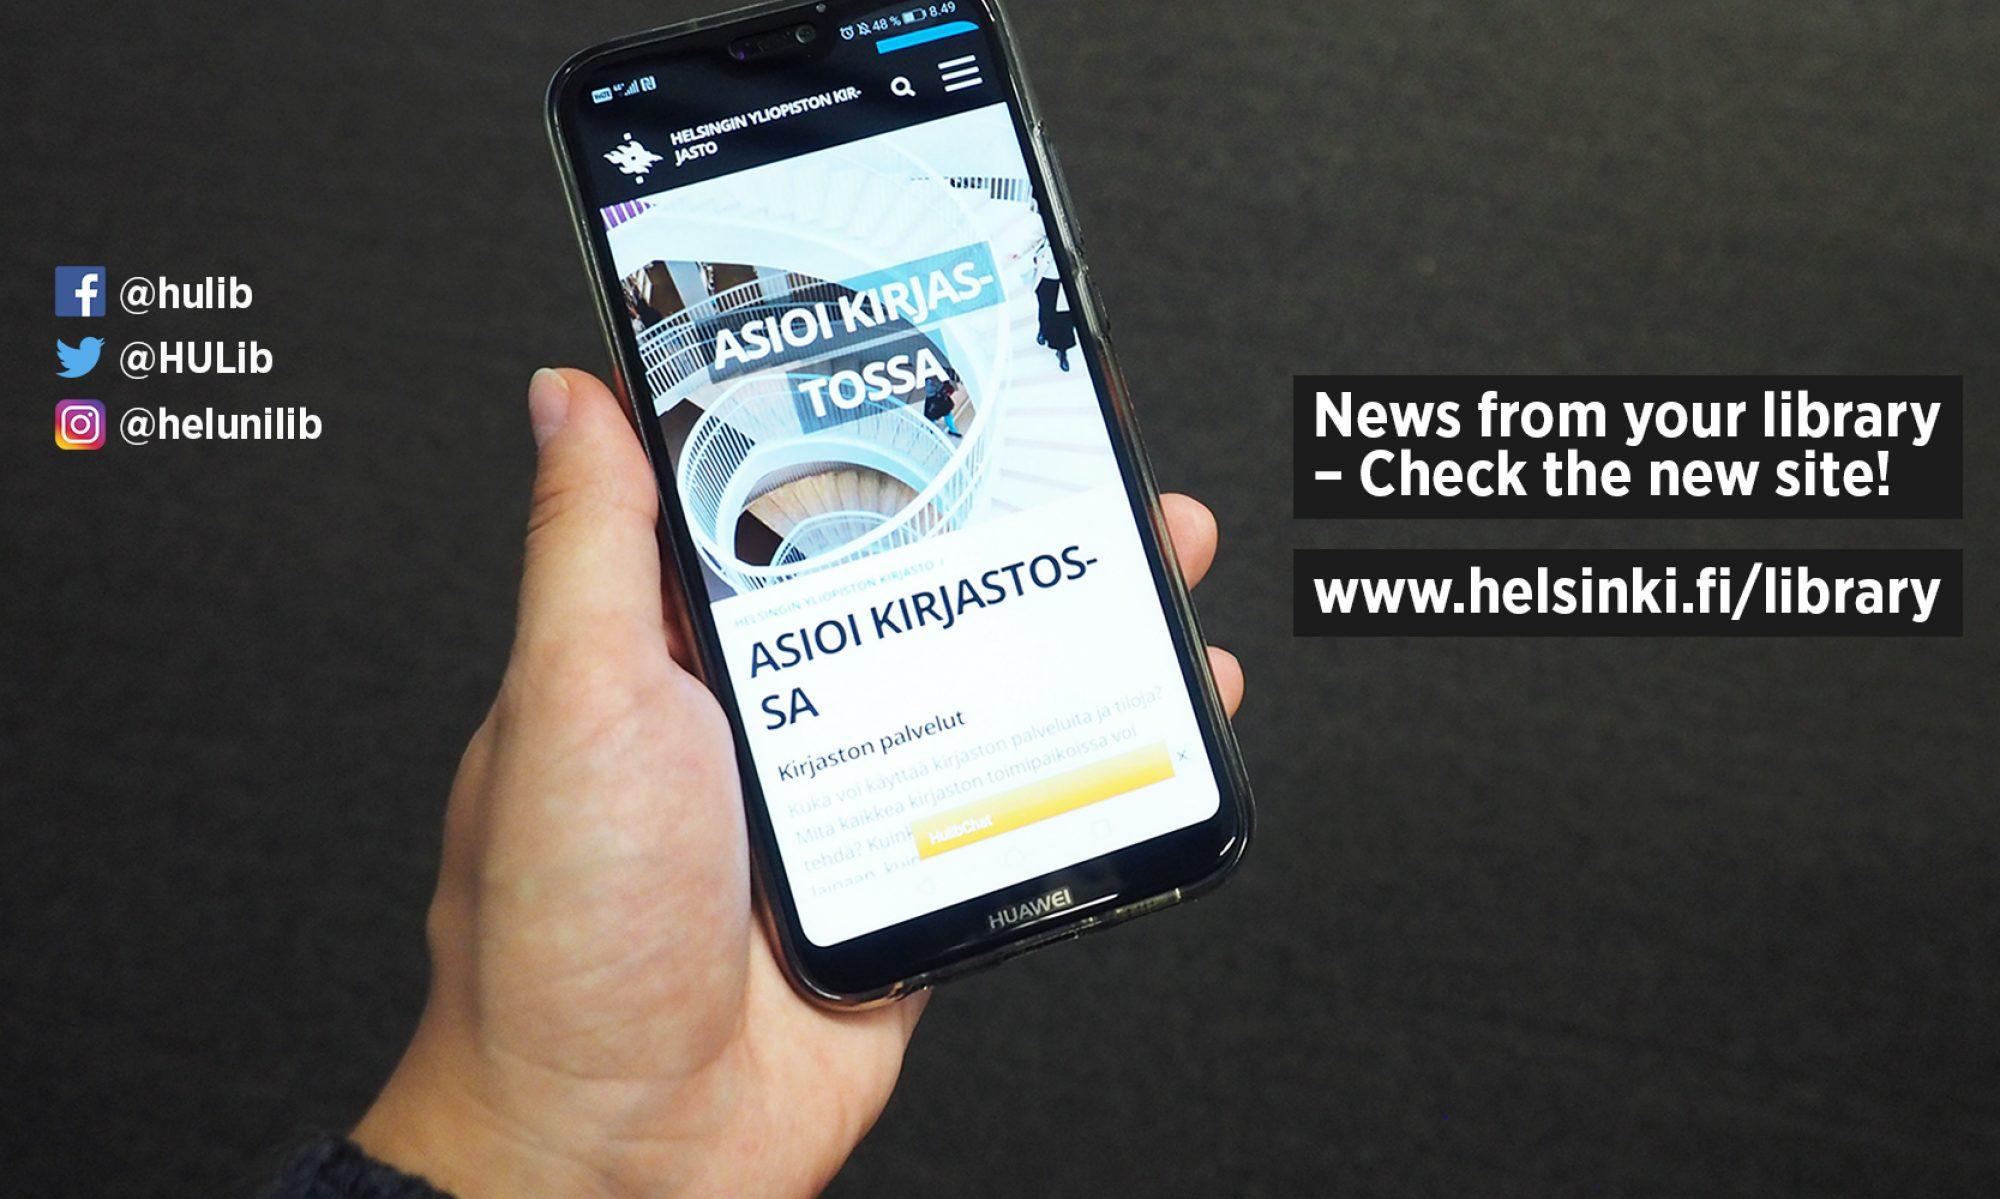 HULib News